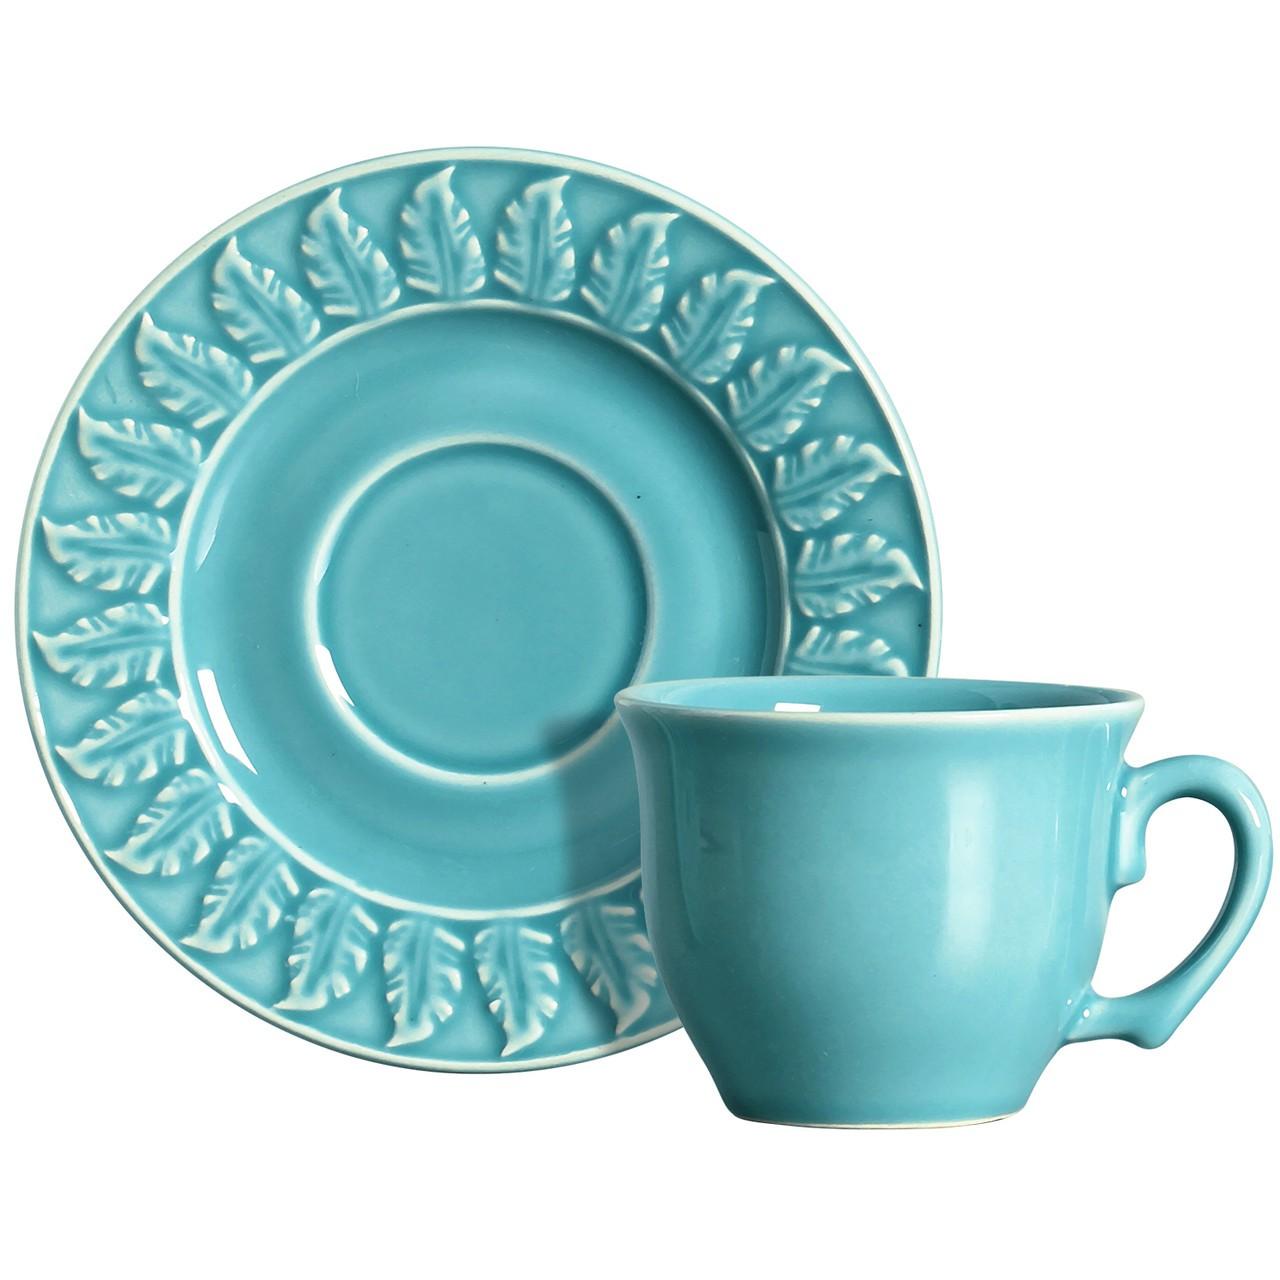 Xícara p/ Chá Panache 2 Azul (06 Unidades)